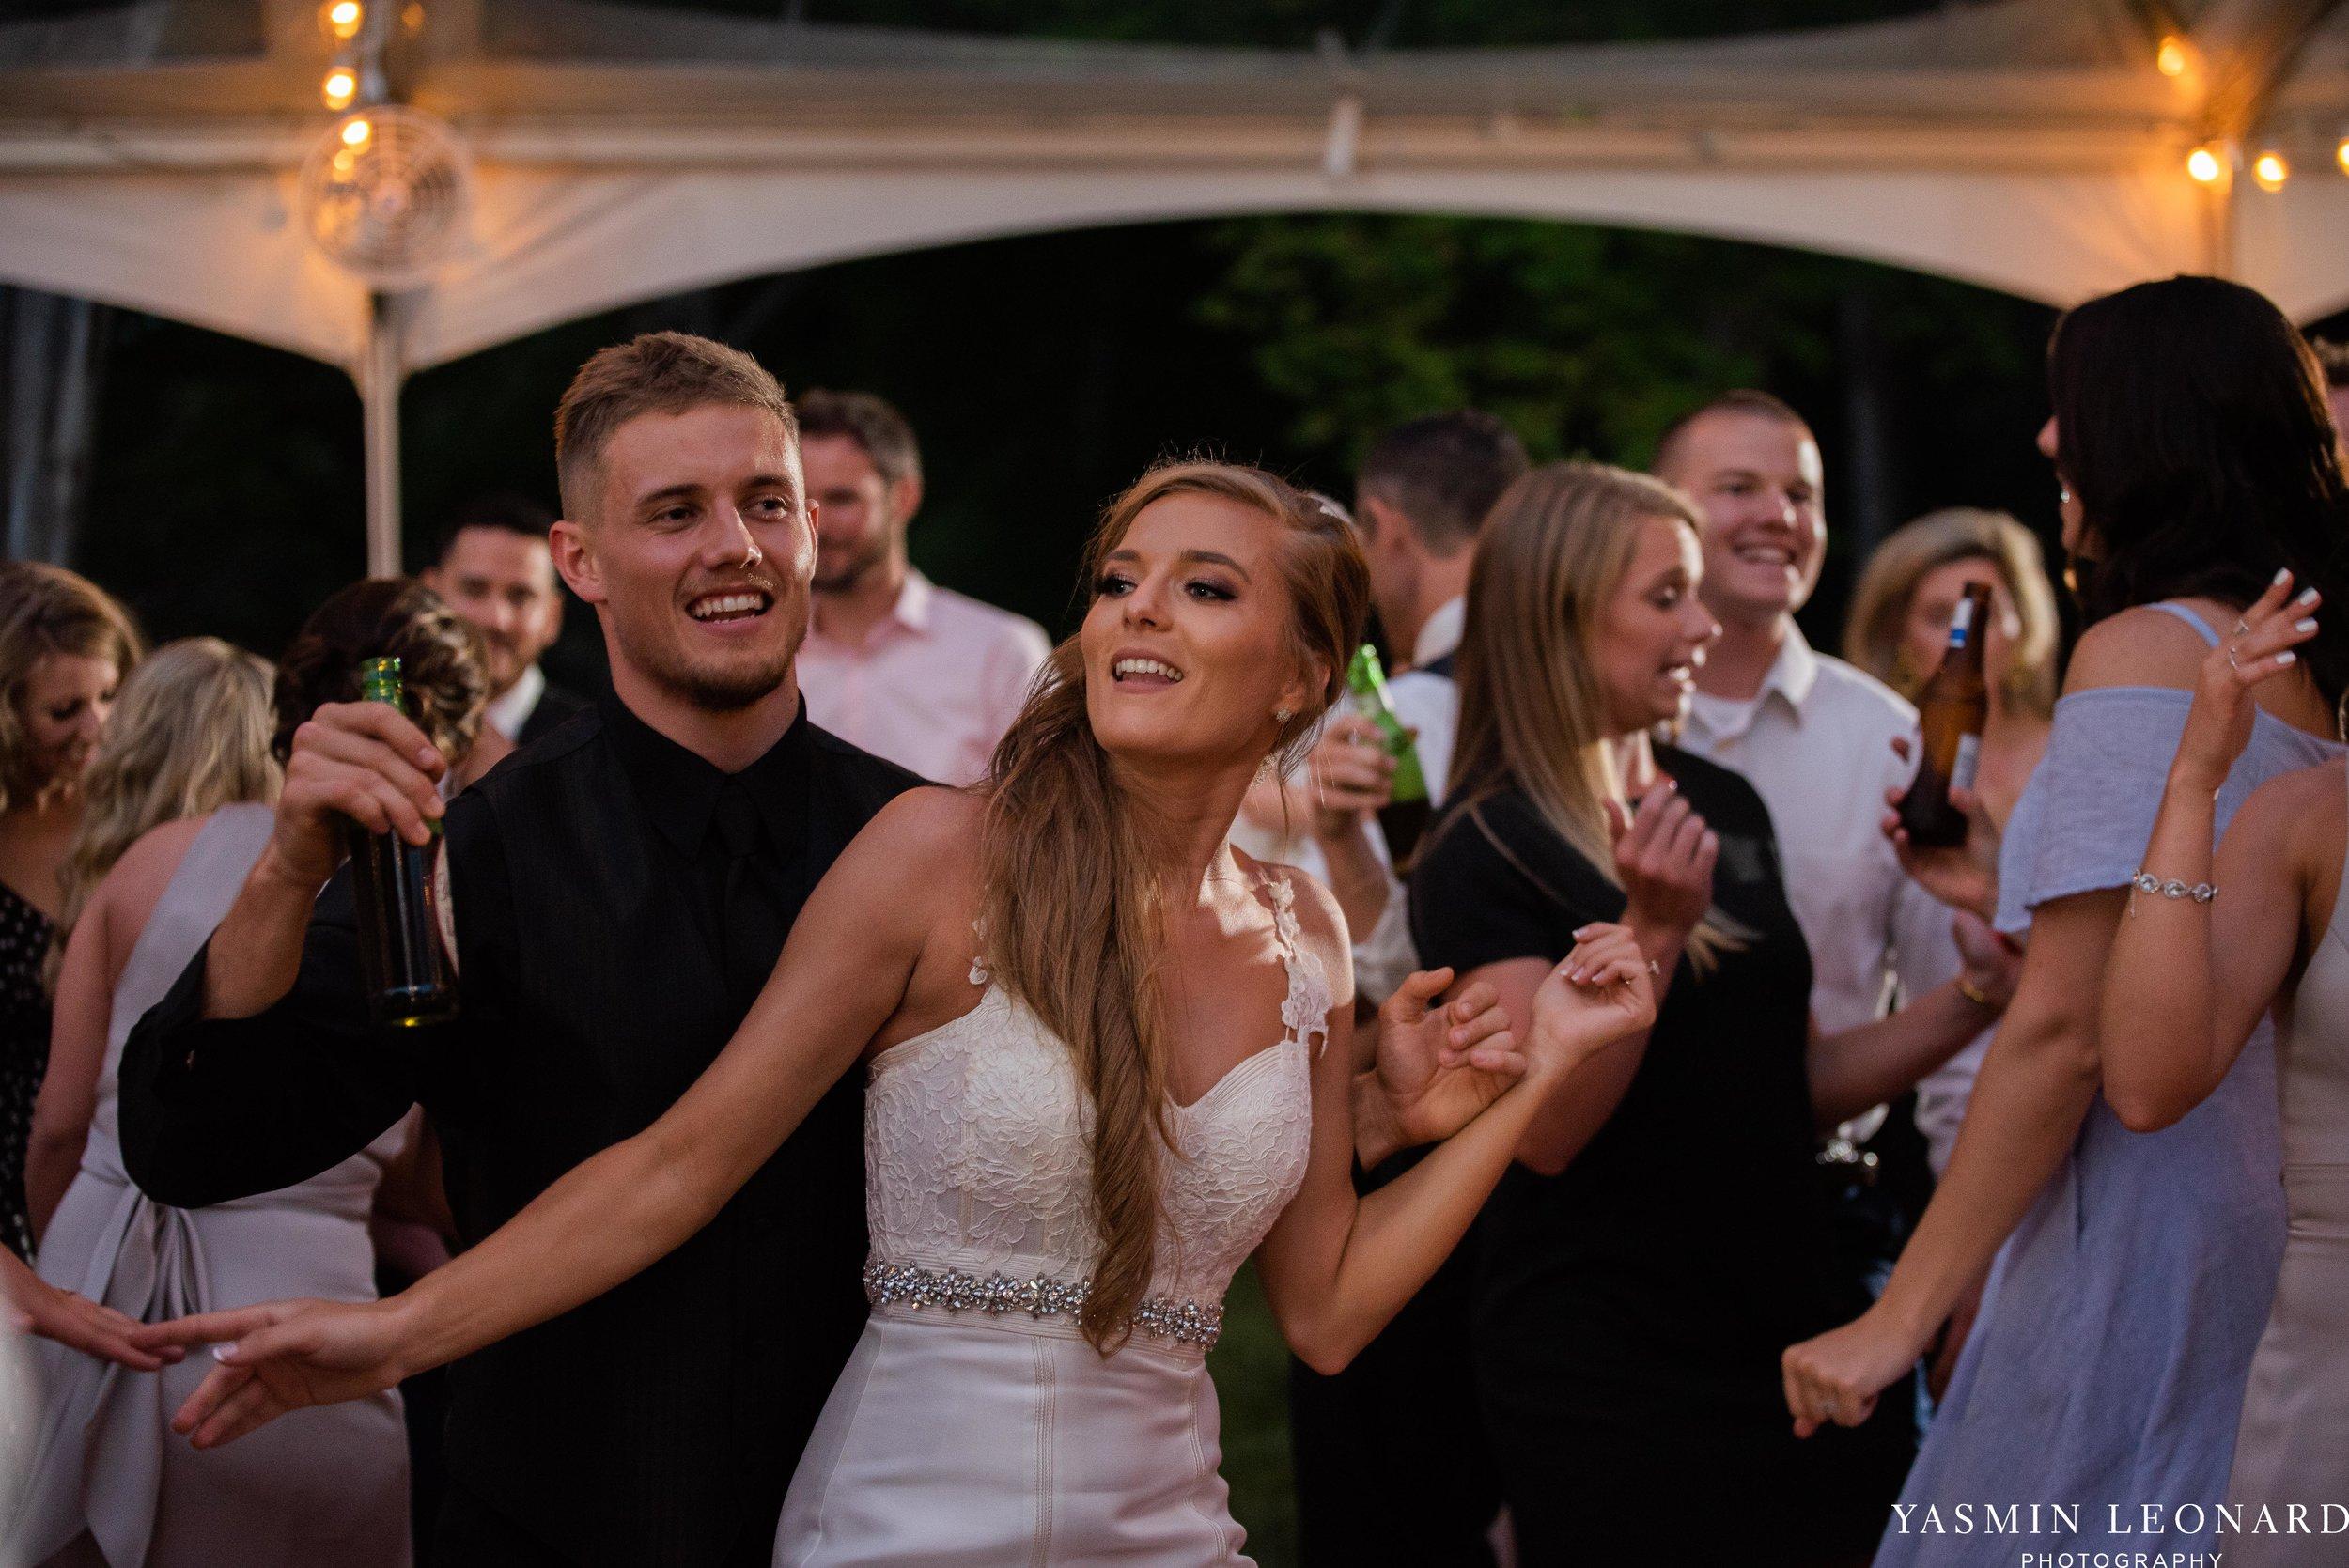 Boxwood Estate - Boxwood Estate Wedding - Luxury Wedding - Black and White Wedding - NC Wedding Venues - NC Weddings - NC Photographer - Lantern Release Grand Exit - Large Wedding Party - Yasmin Leonard Photography-73.jpg